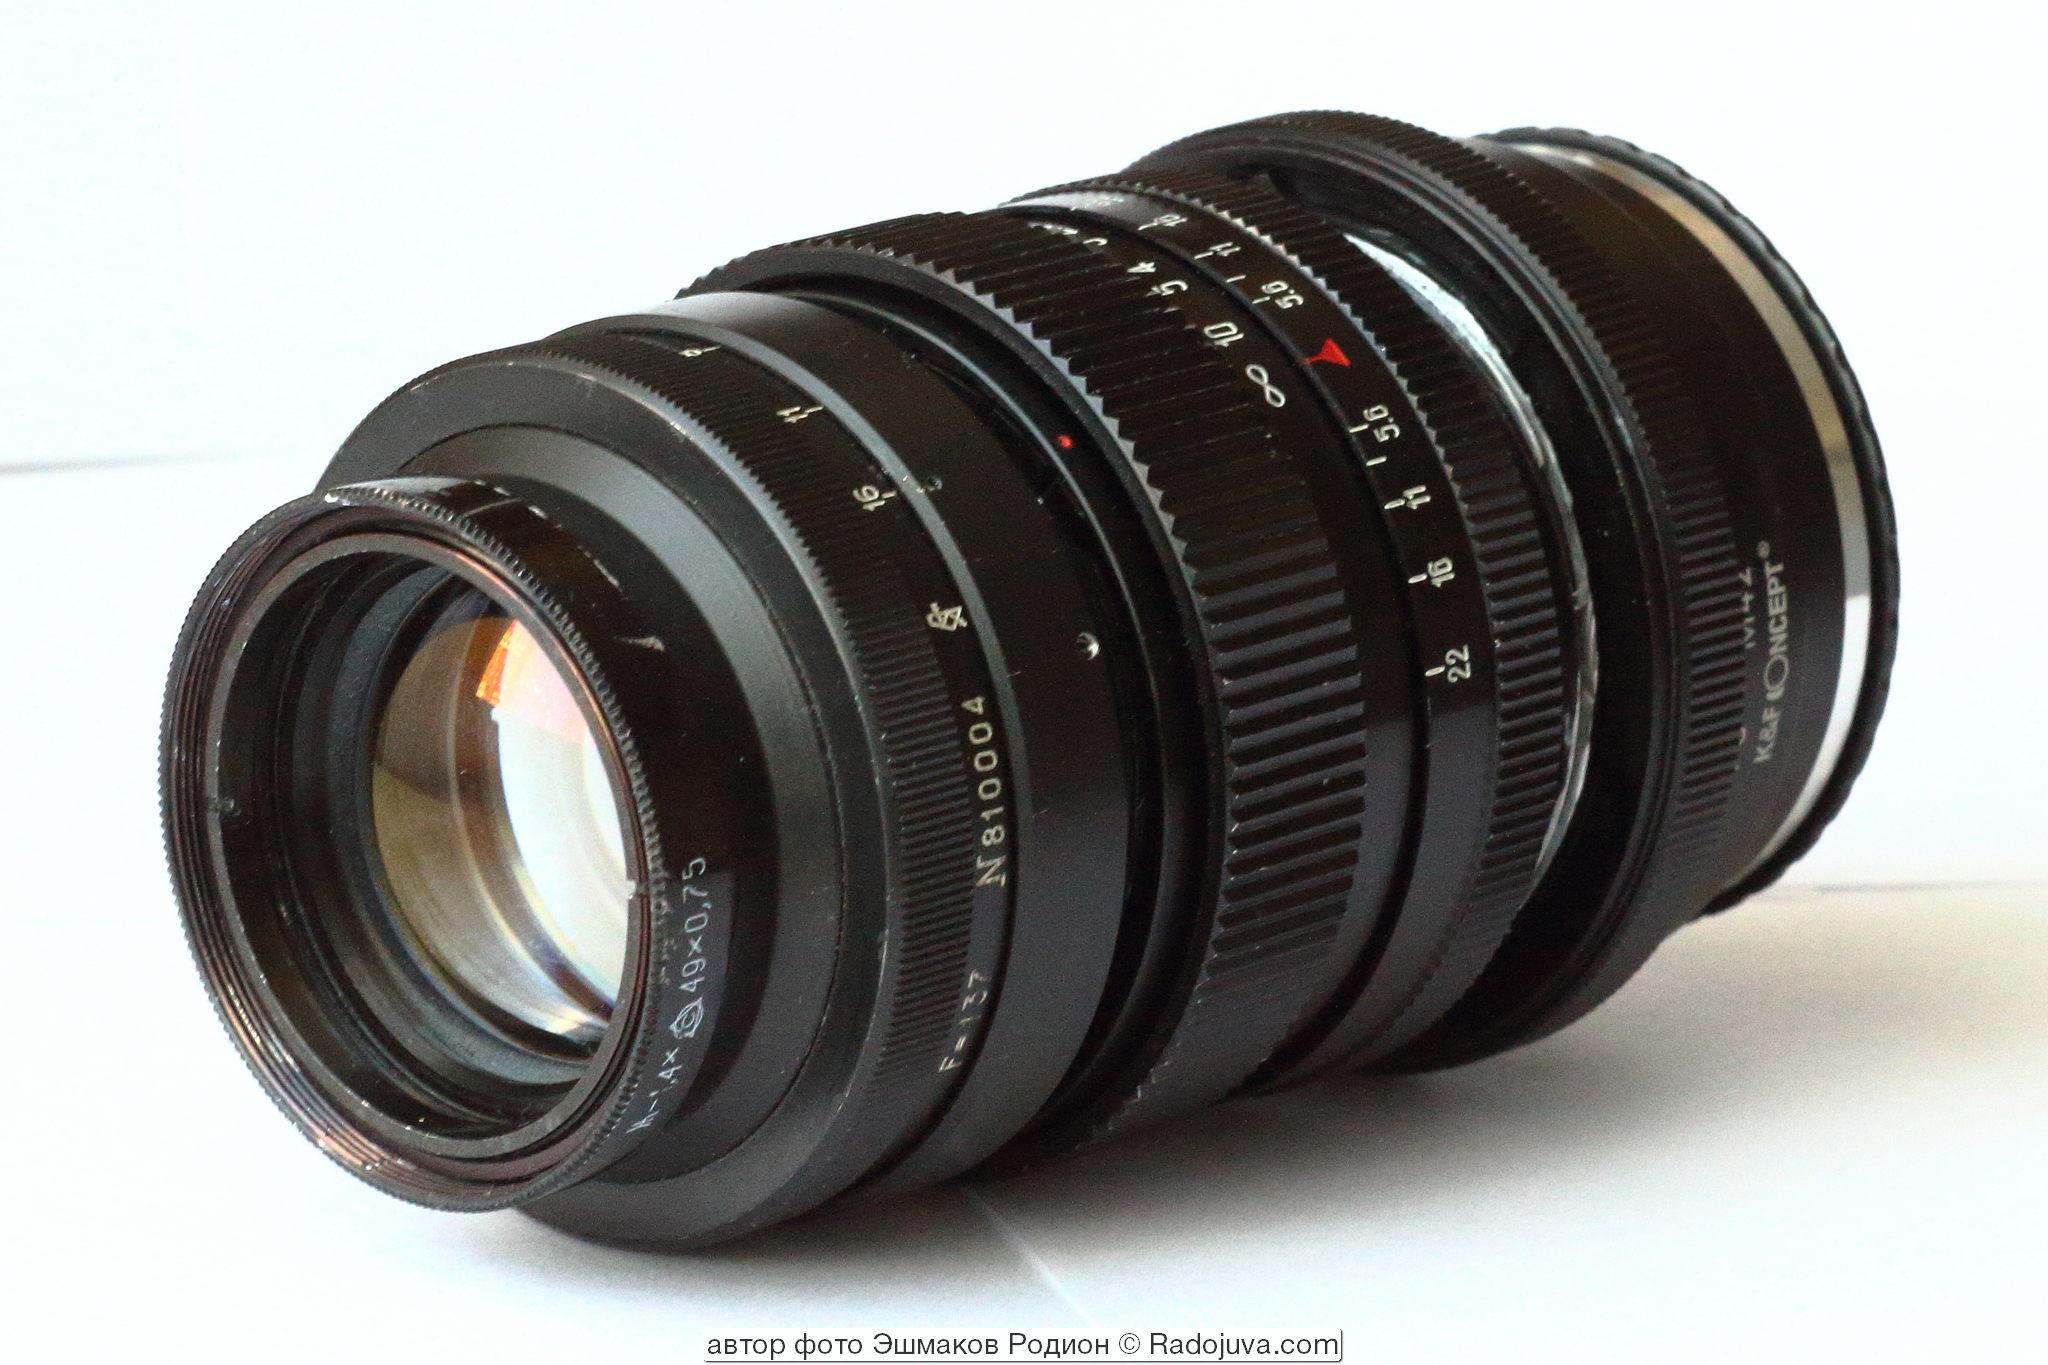 Вид адаптированного объектива с установленным комплектом переходных колец для использования с камерами Canon